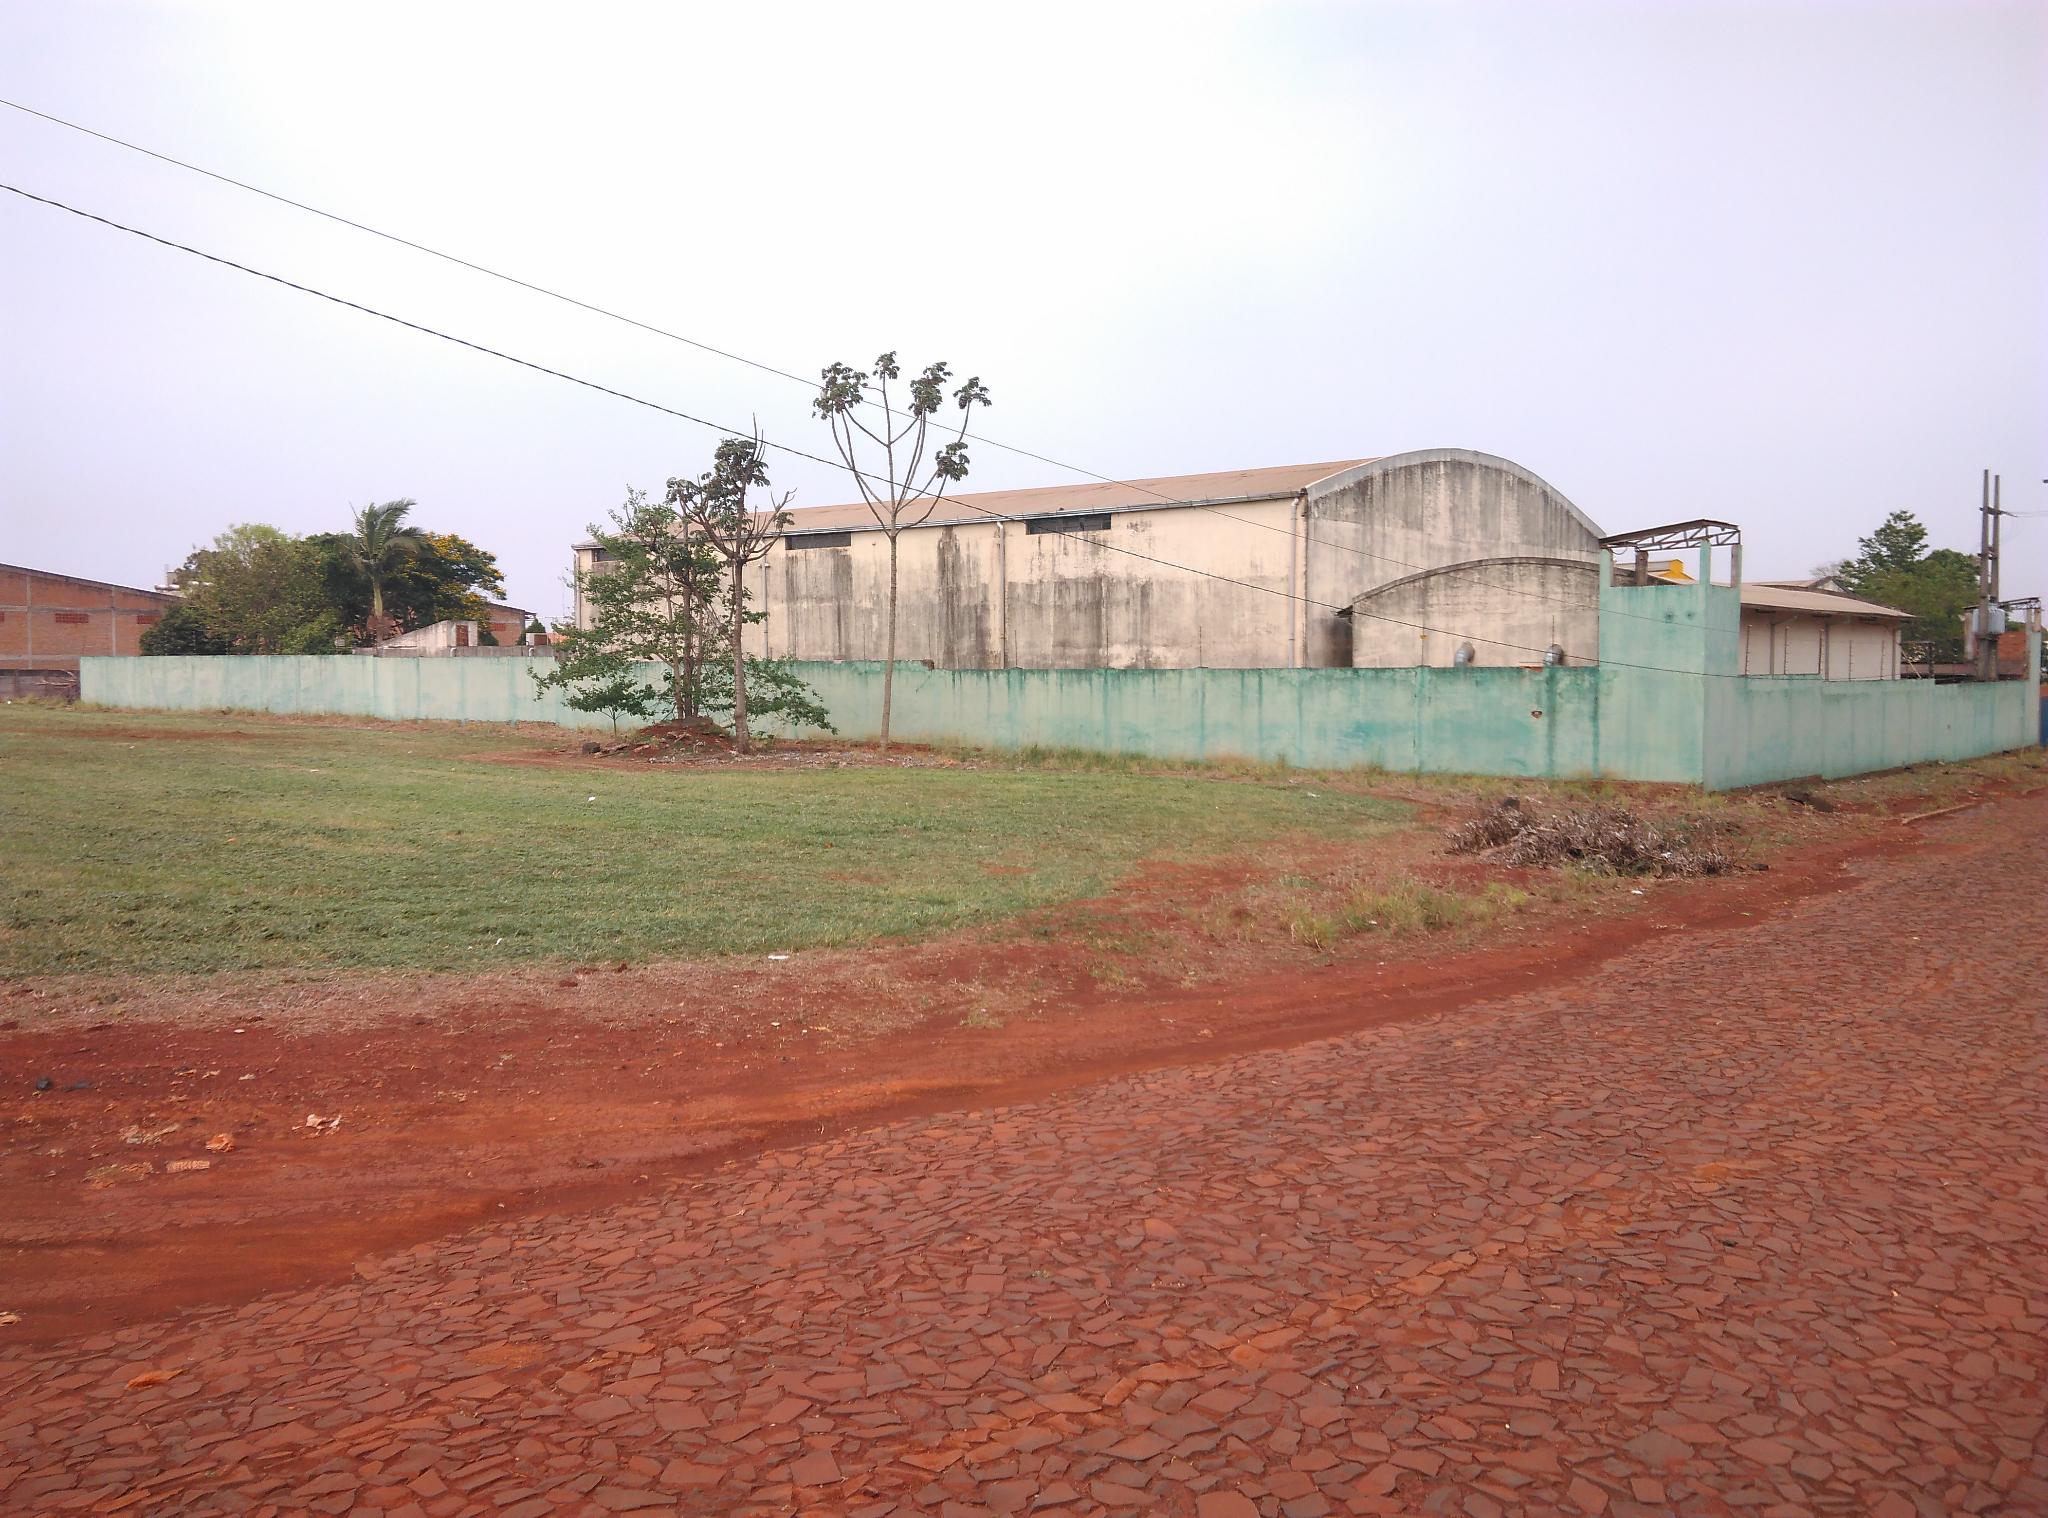 TERRENO: Terreno Para Industria O Fabrica Km 13 Acaray en Ciudad del Este